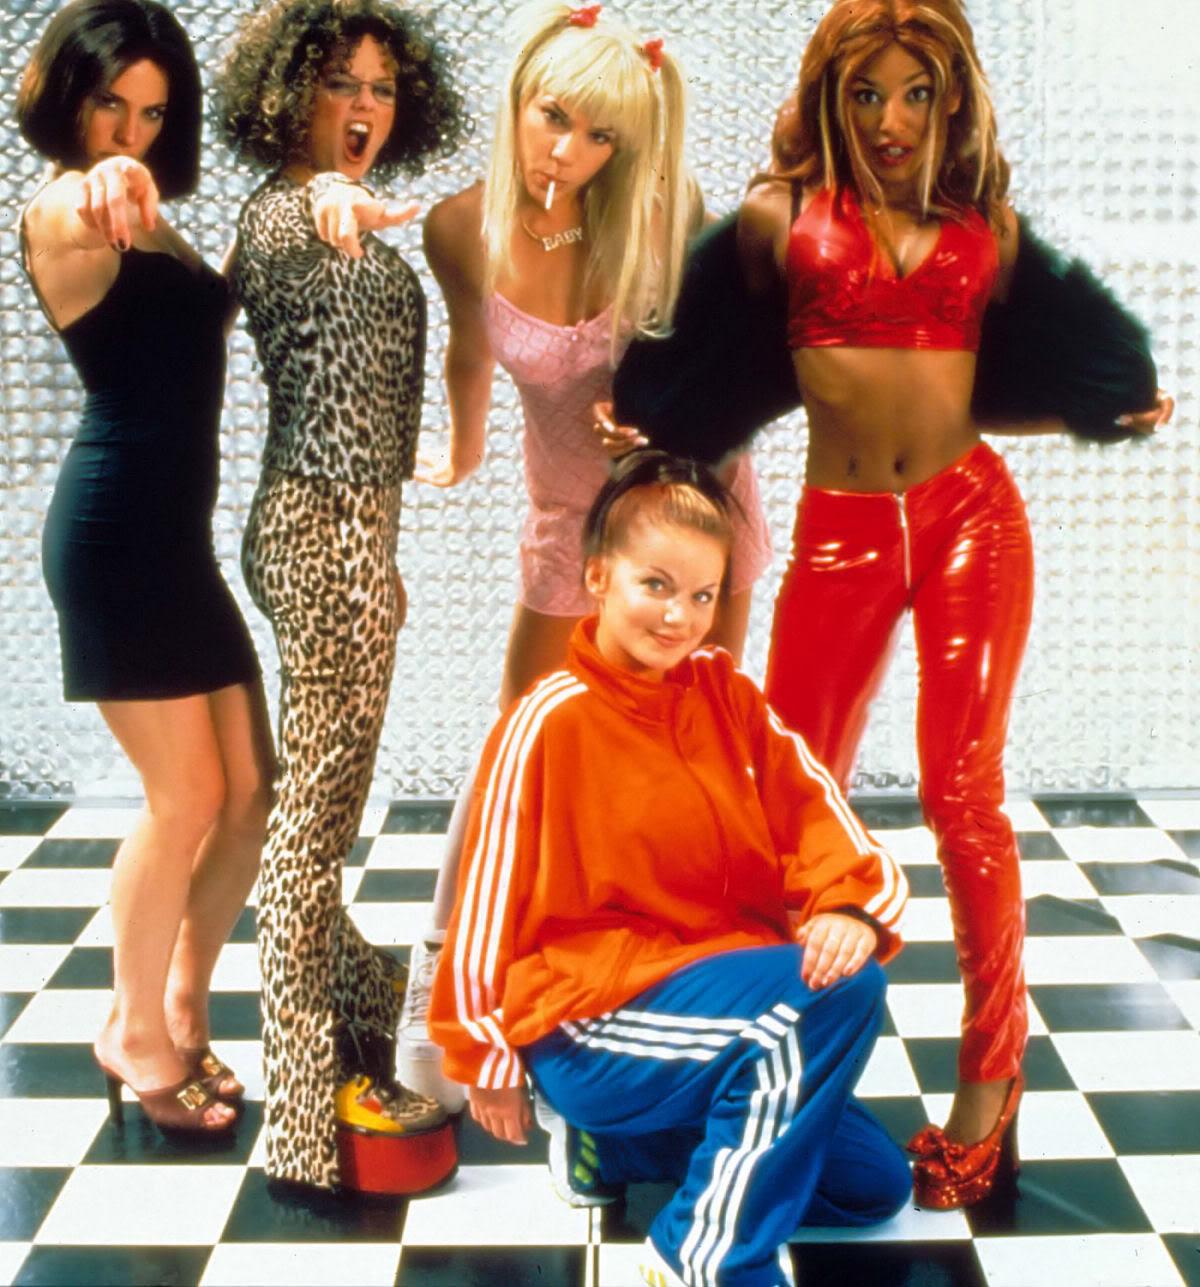 Image Spice Girls Wiki Fandom Powered By Wikia